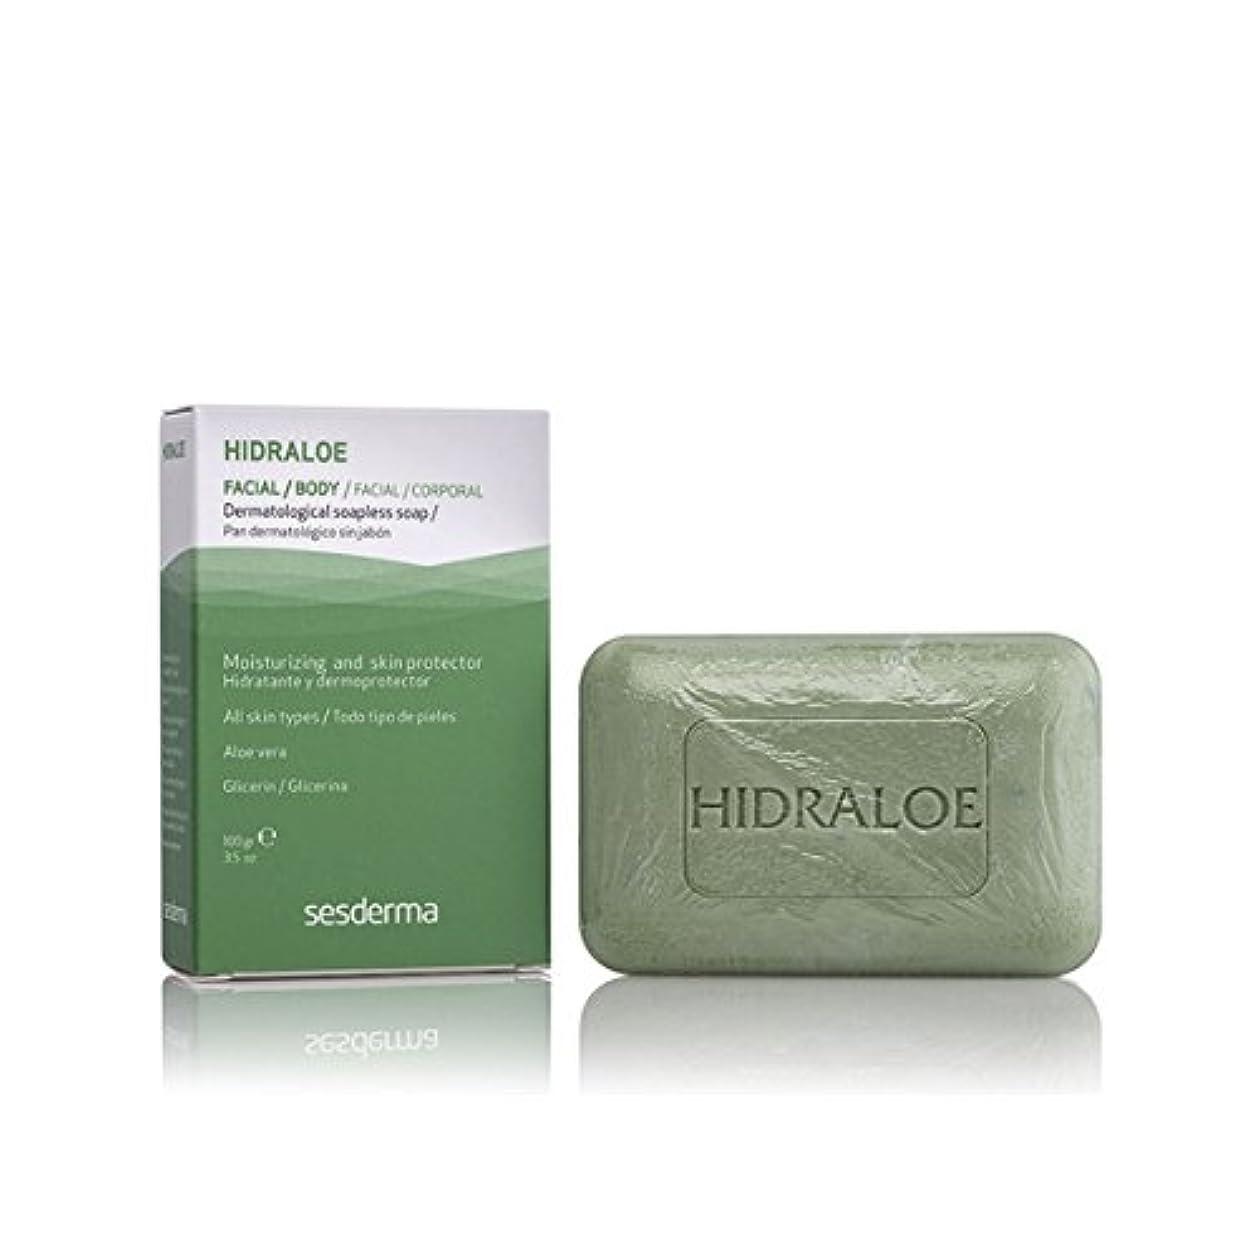 分数韻継承Sesderma Hidraloe Dermatological Soapless Soap 100gr [並行輸入品]